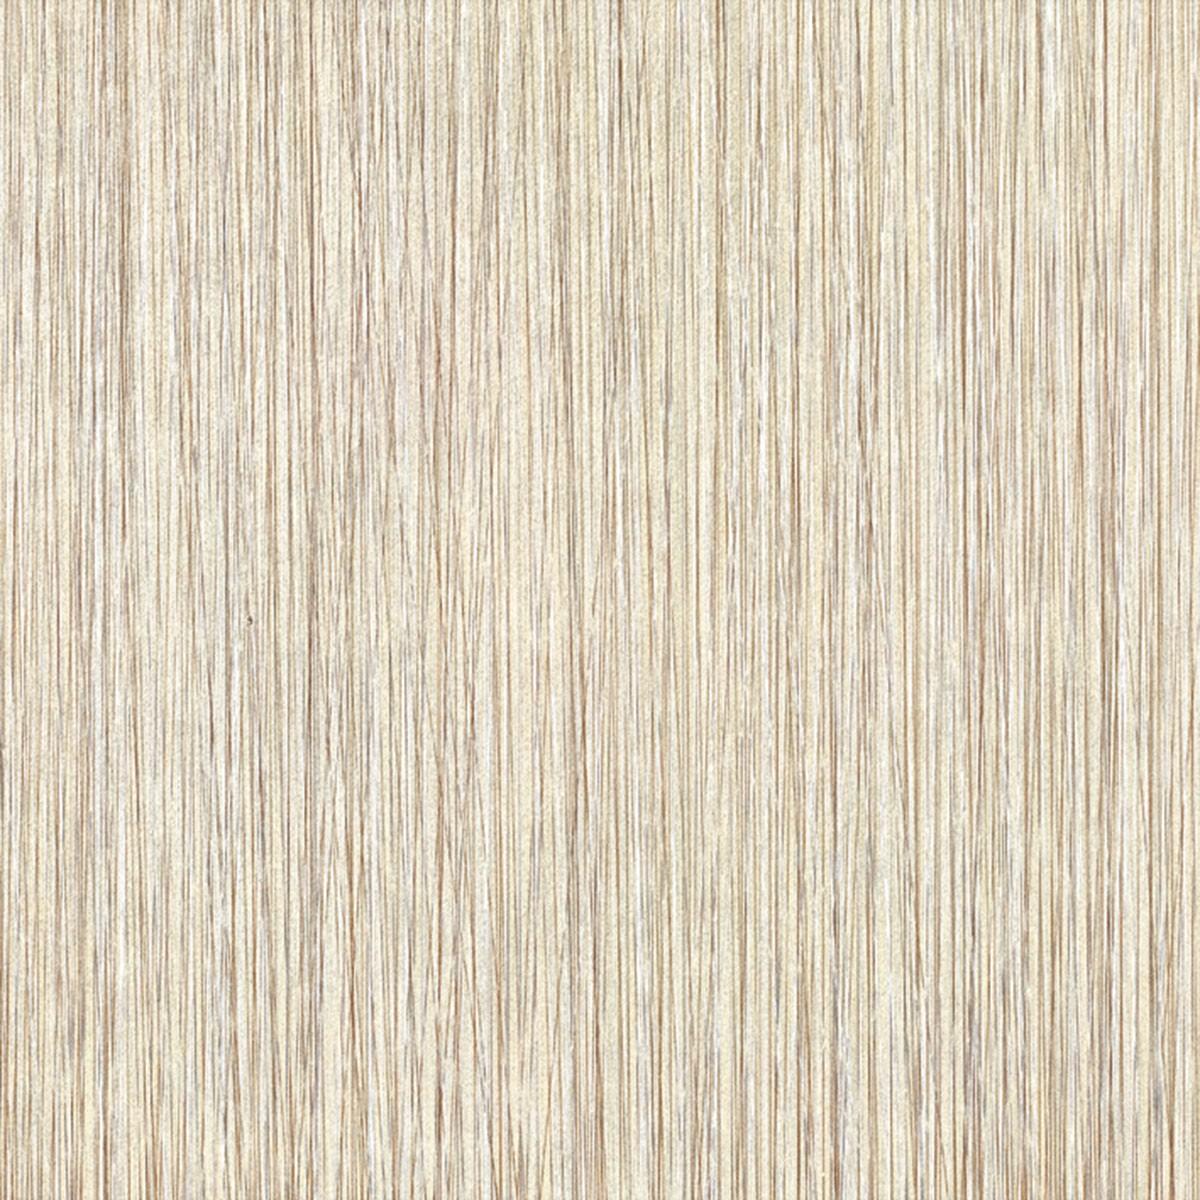 24 x 24 In. Beige Porcelain Floor Tile - 4 Pcs/Case (15.50 sq.ft/Case) (FA60B-1)